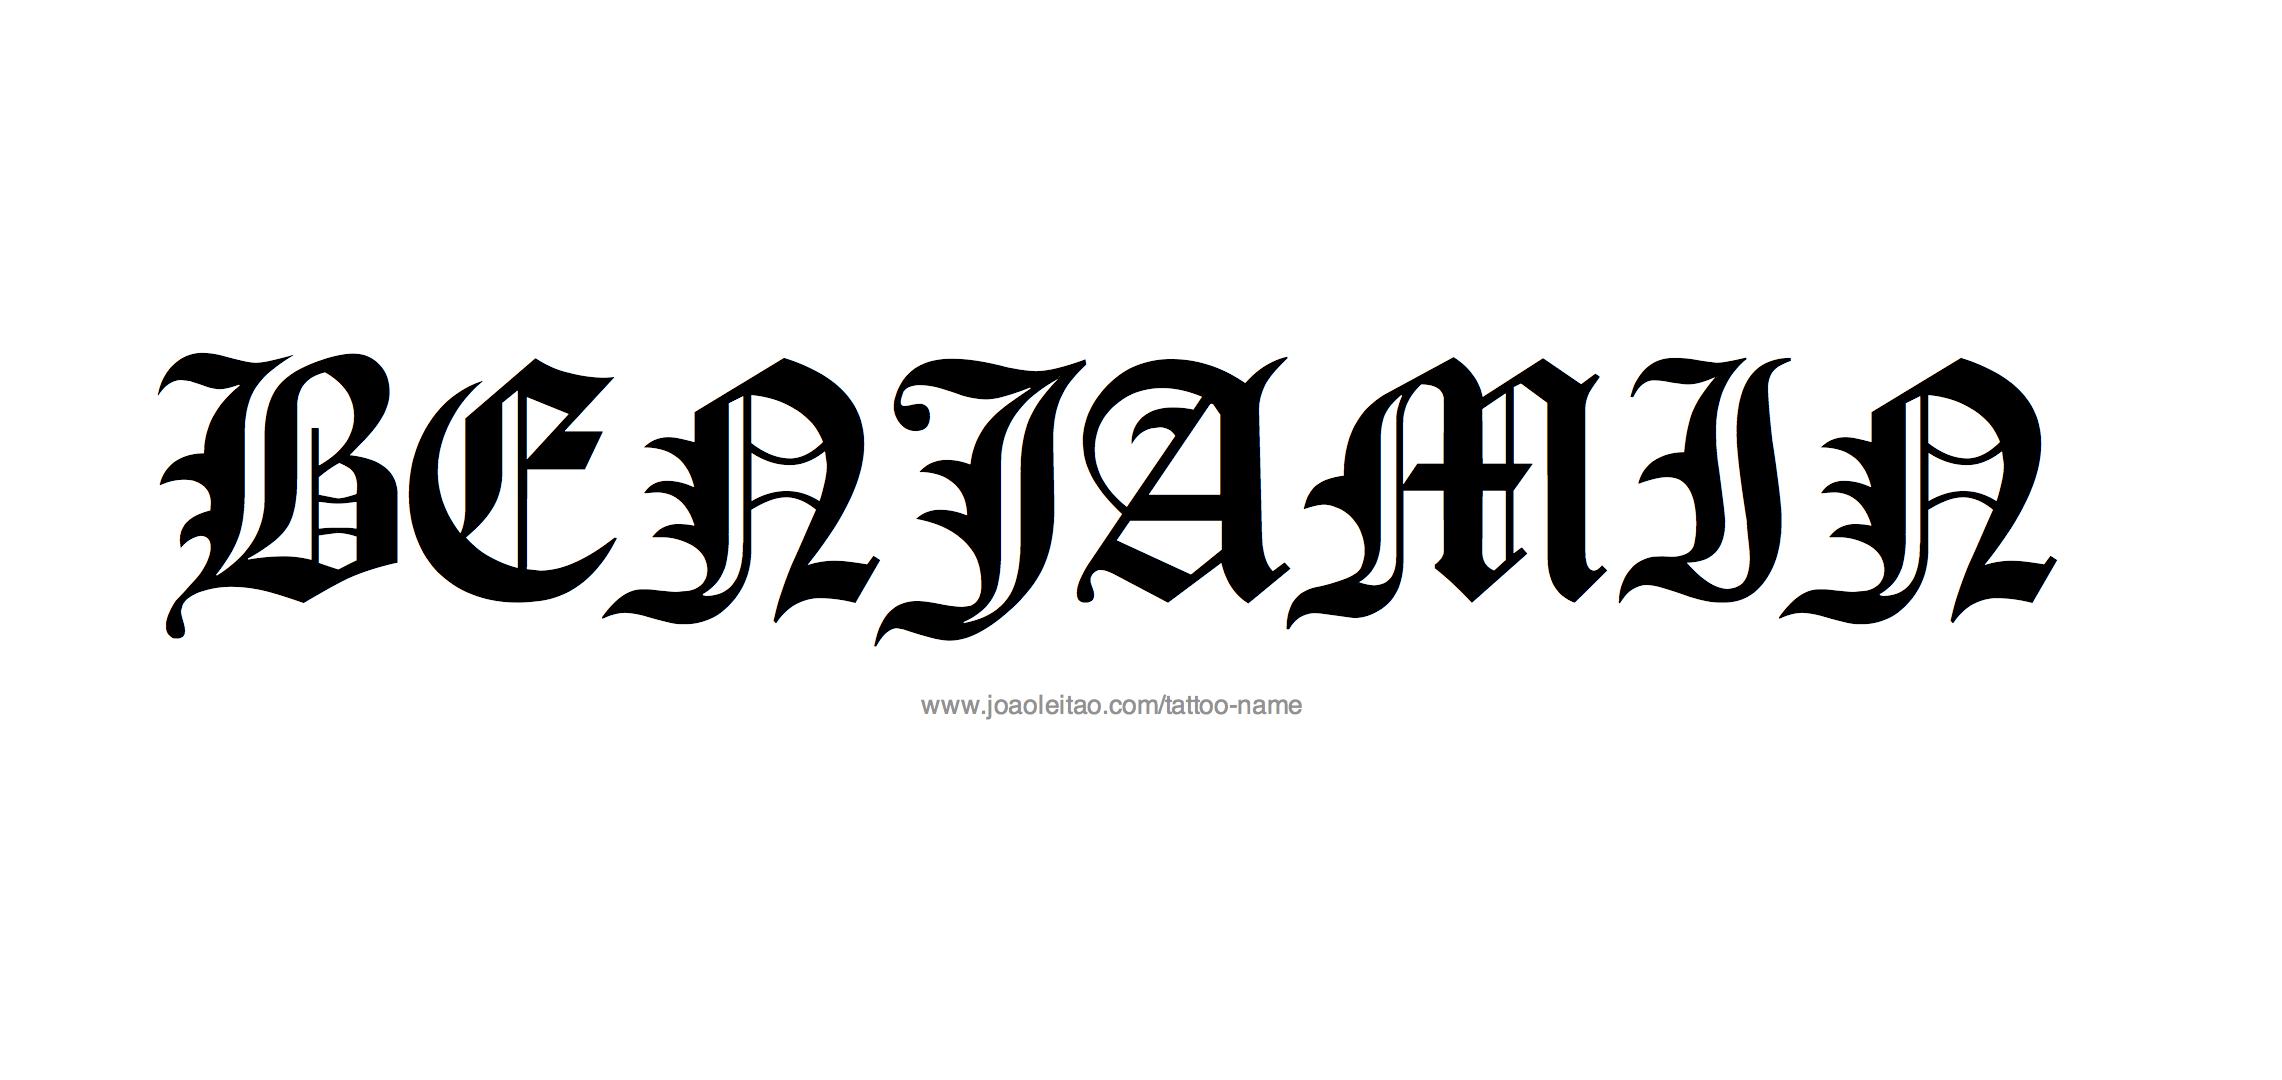 Benjamin Name Tattoo Designs